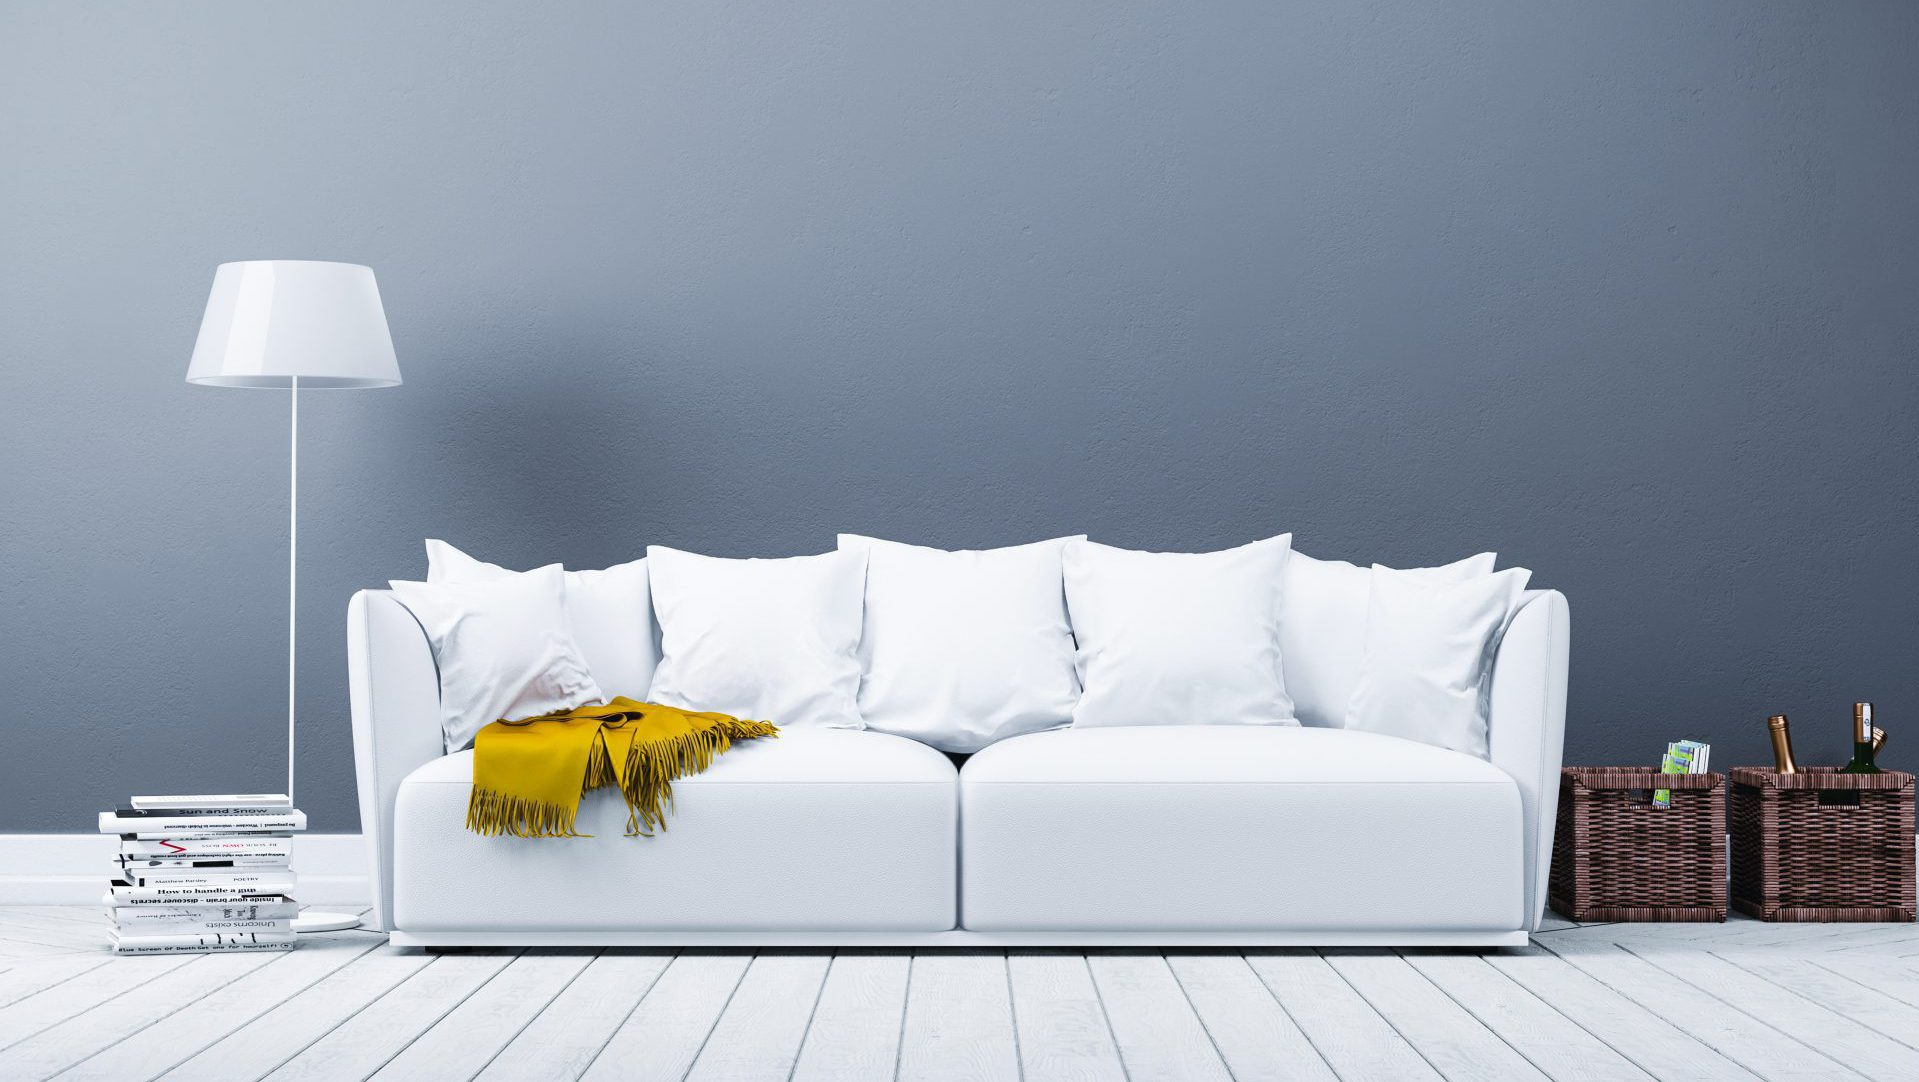 Salon ciemny w odcieniach szarości oraz biała sofa z żółtym sszalem.. marboss original importer tkanin